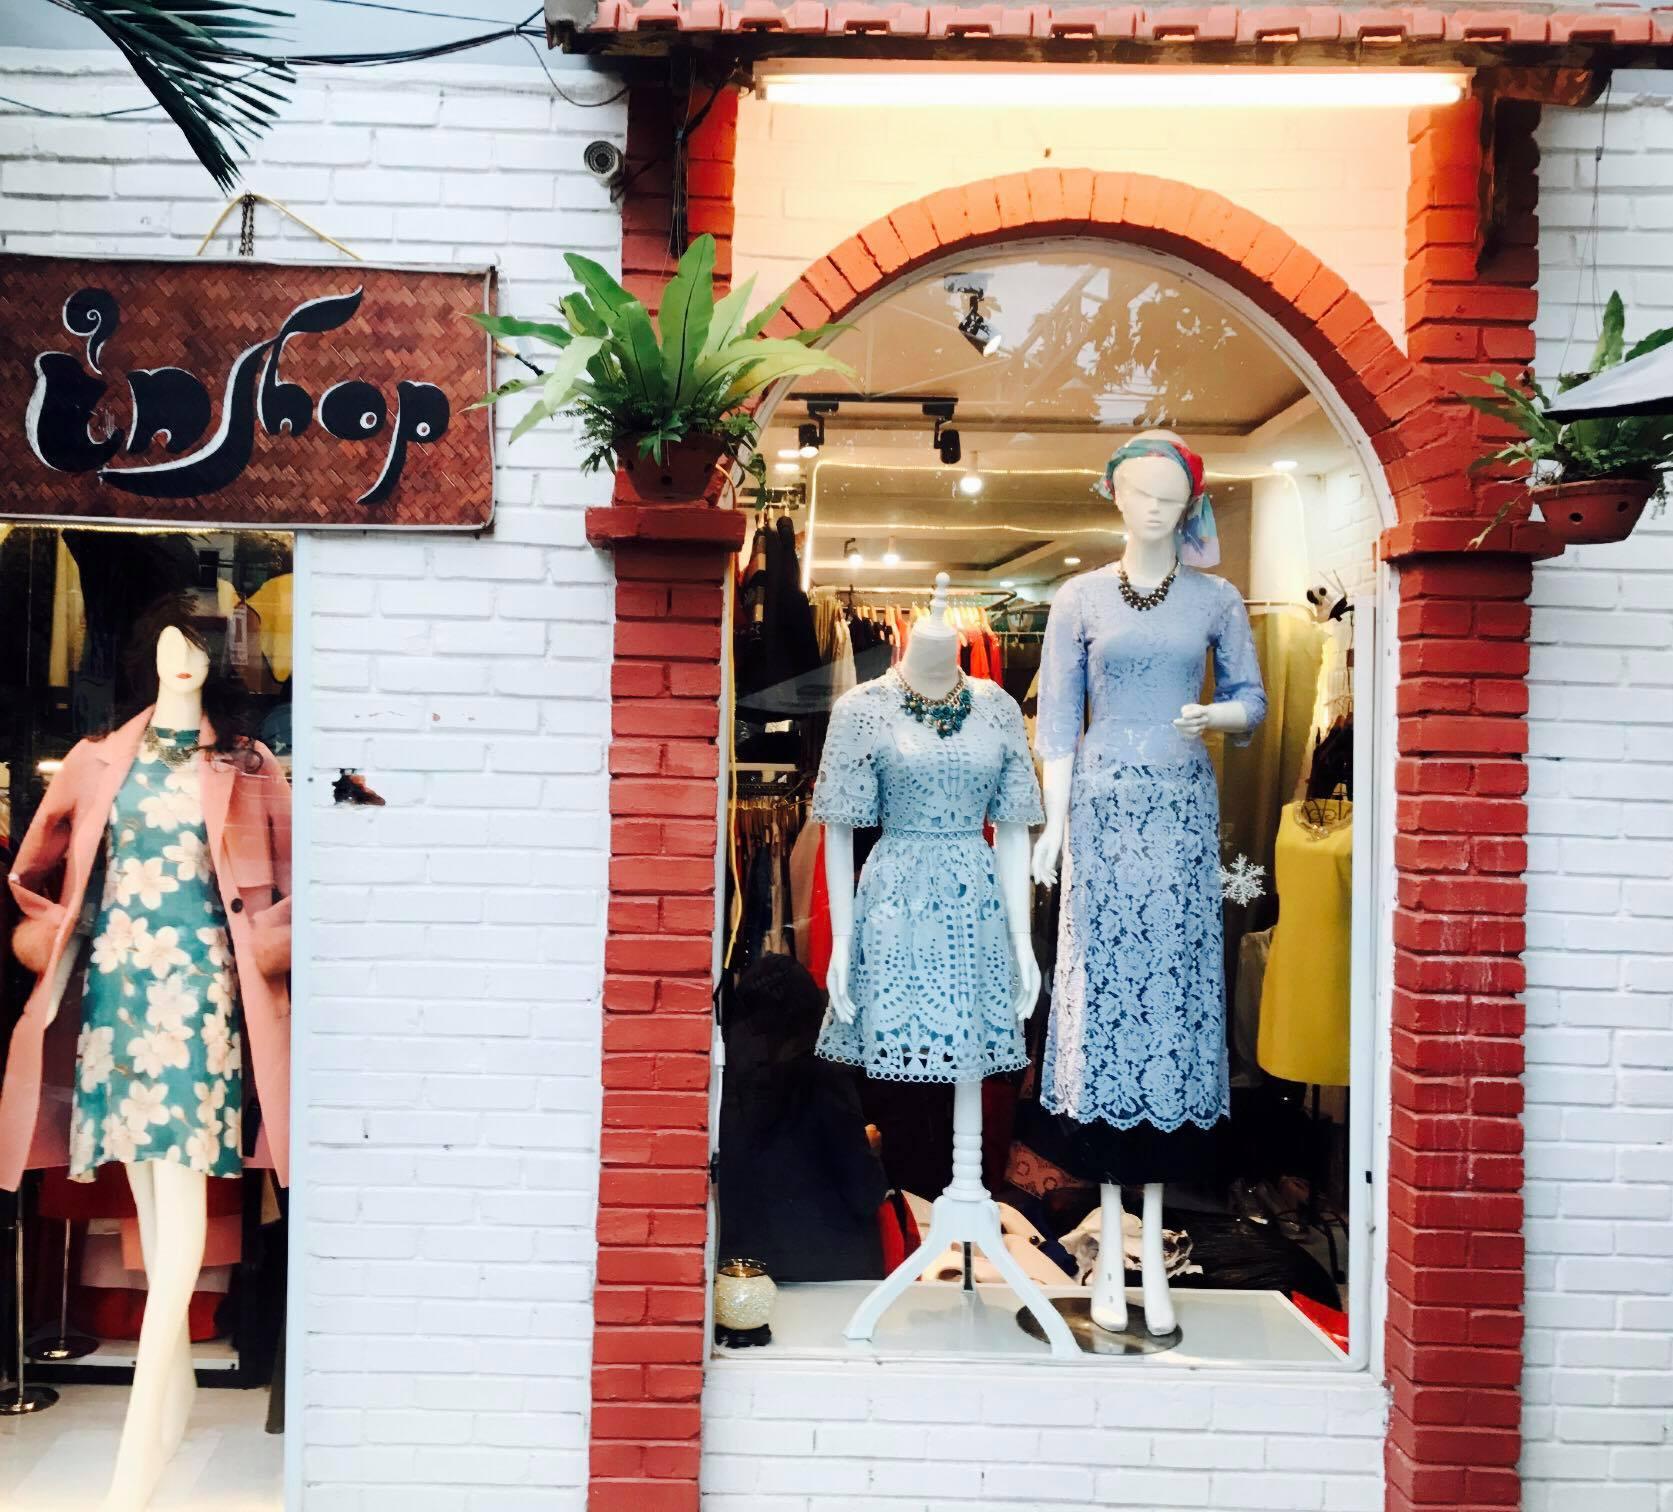 Ỉn Shop